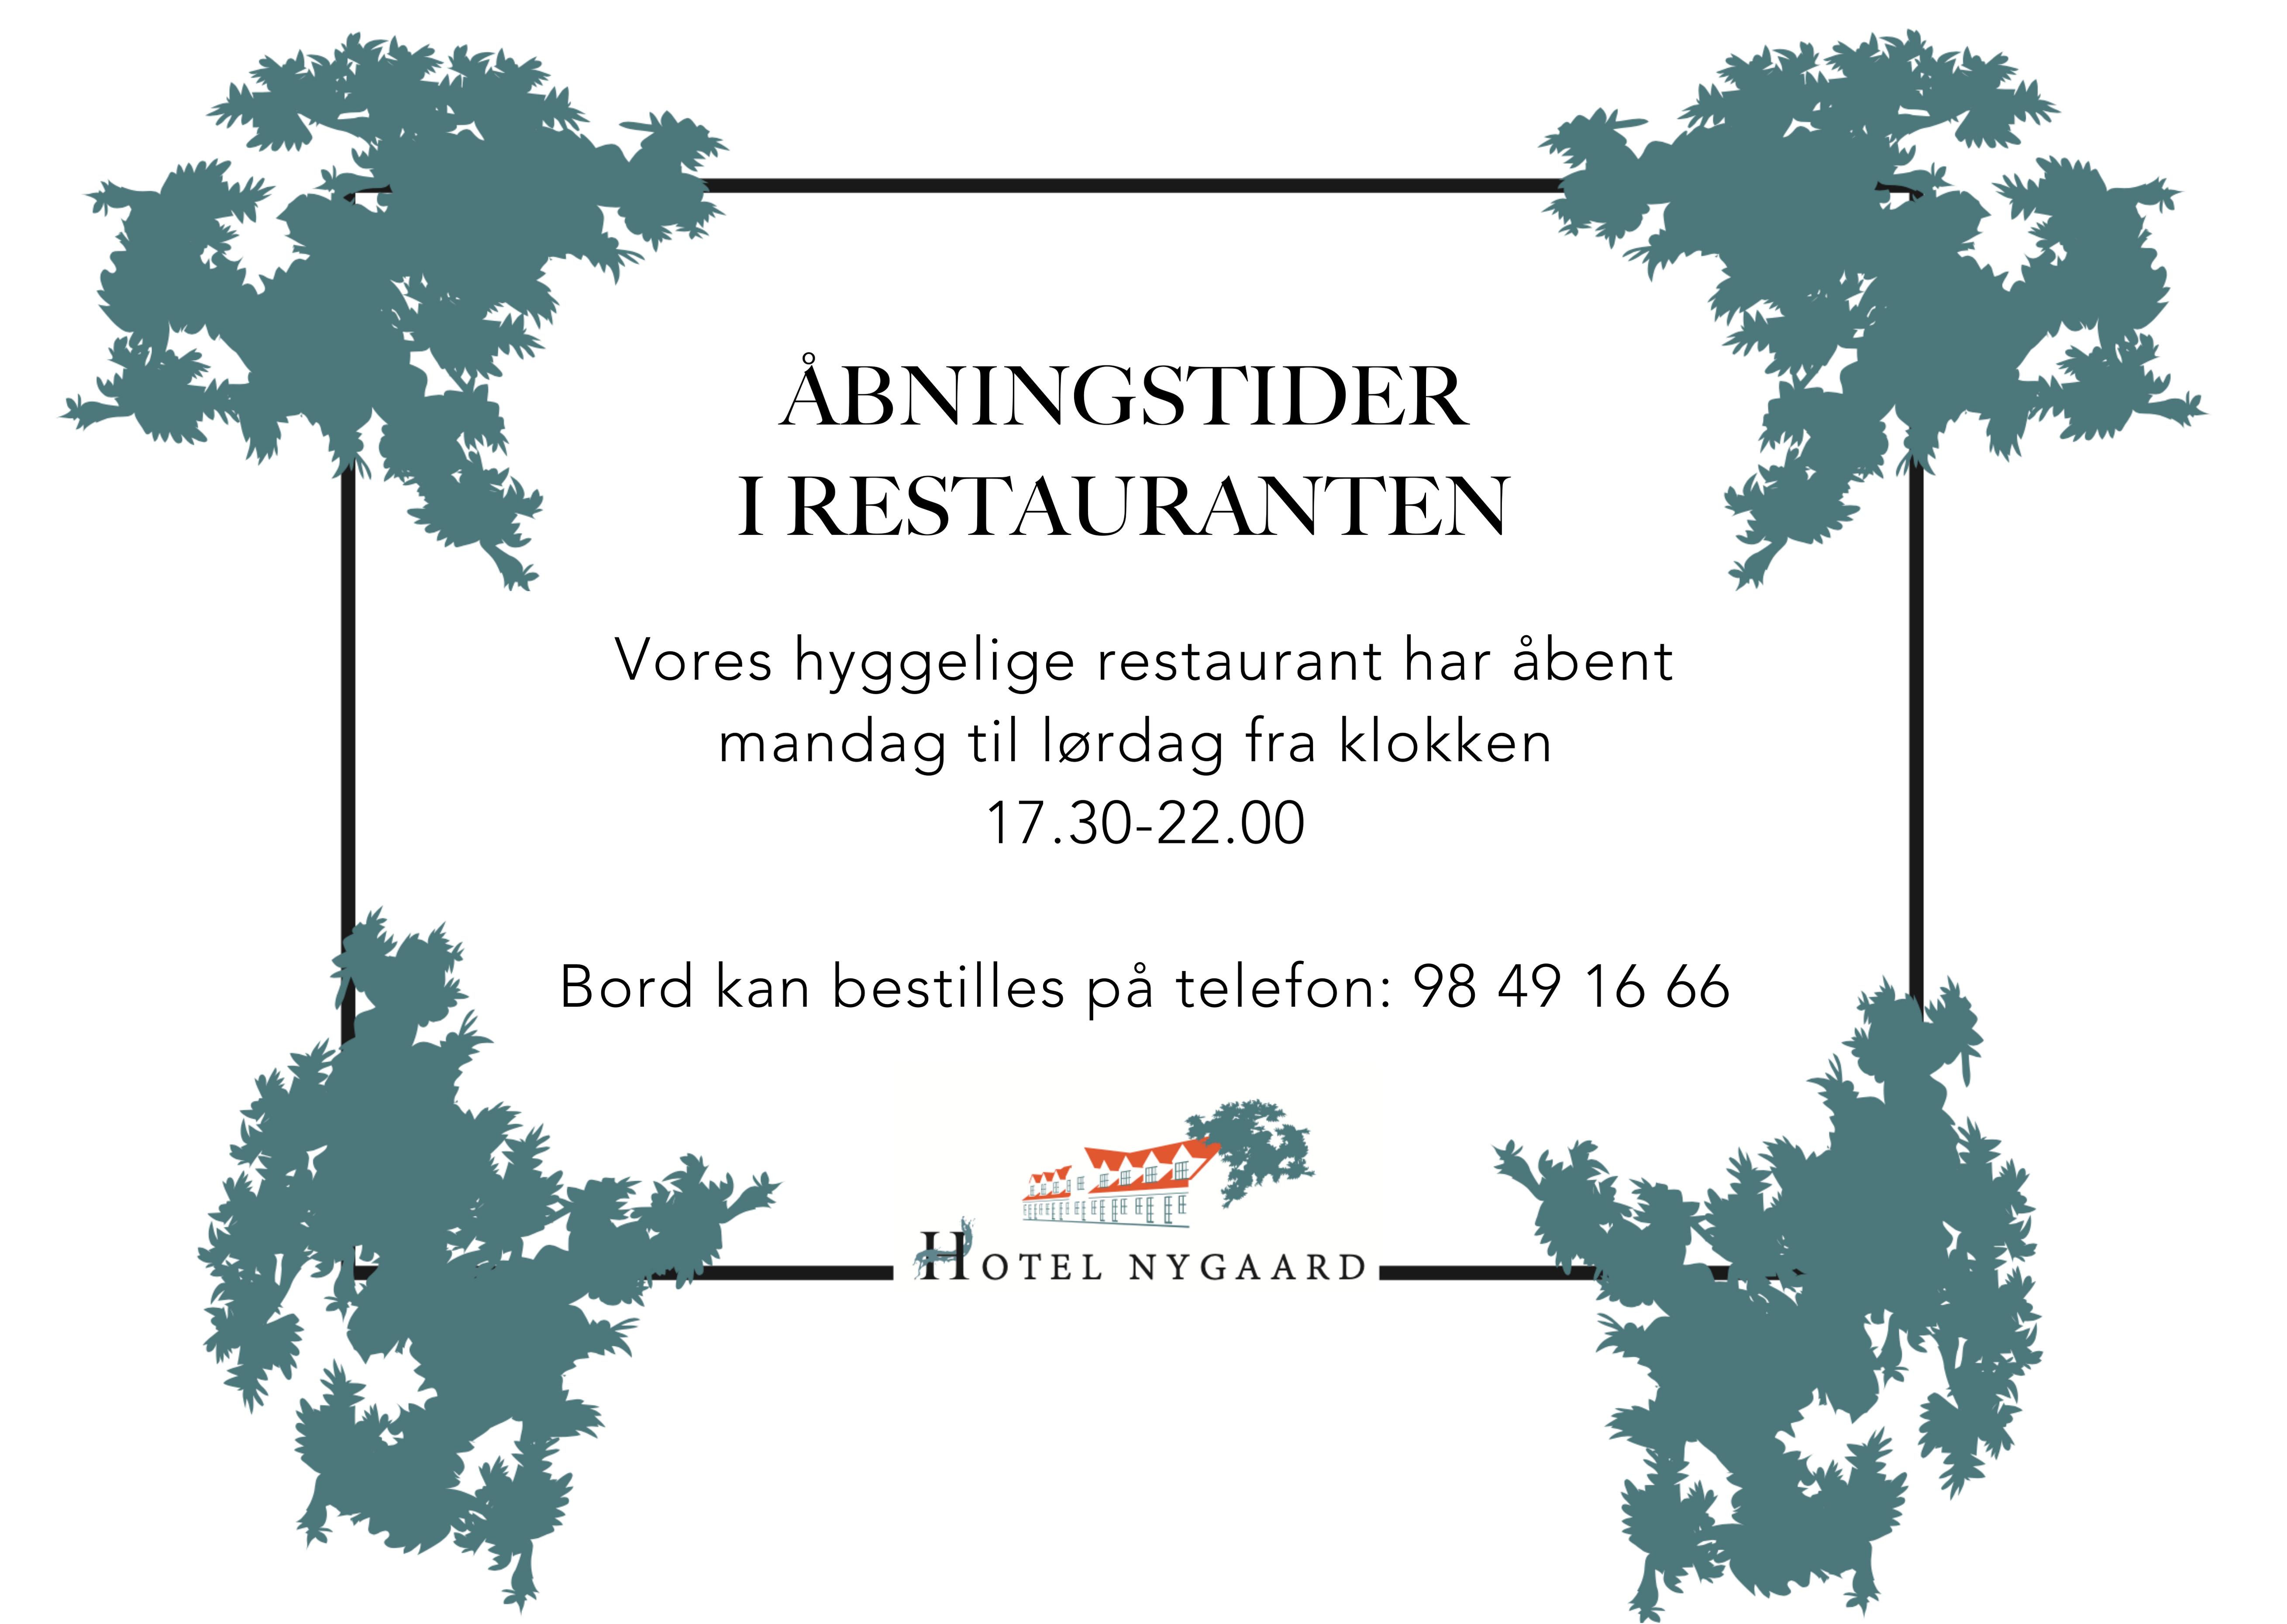 Åbningstider på Hotel Nygaard, Læsø